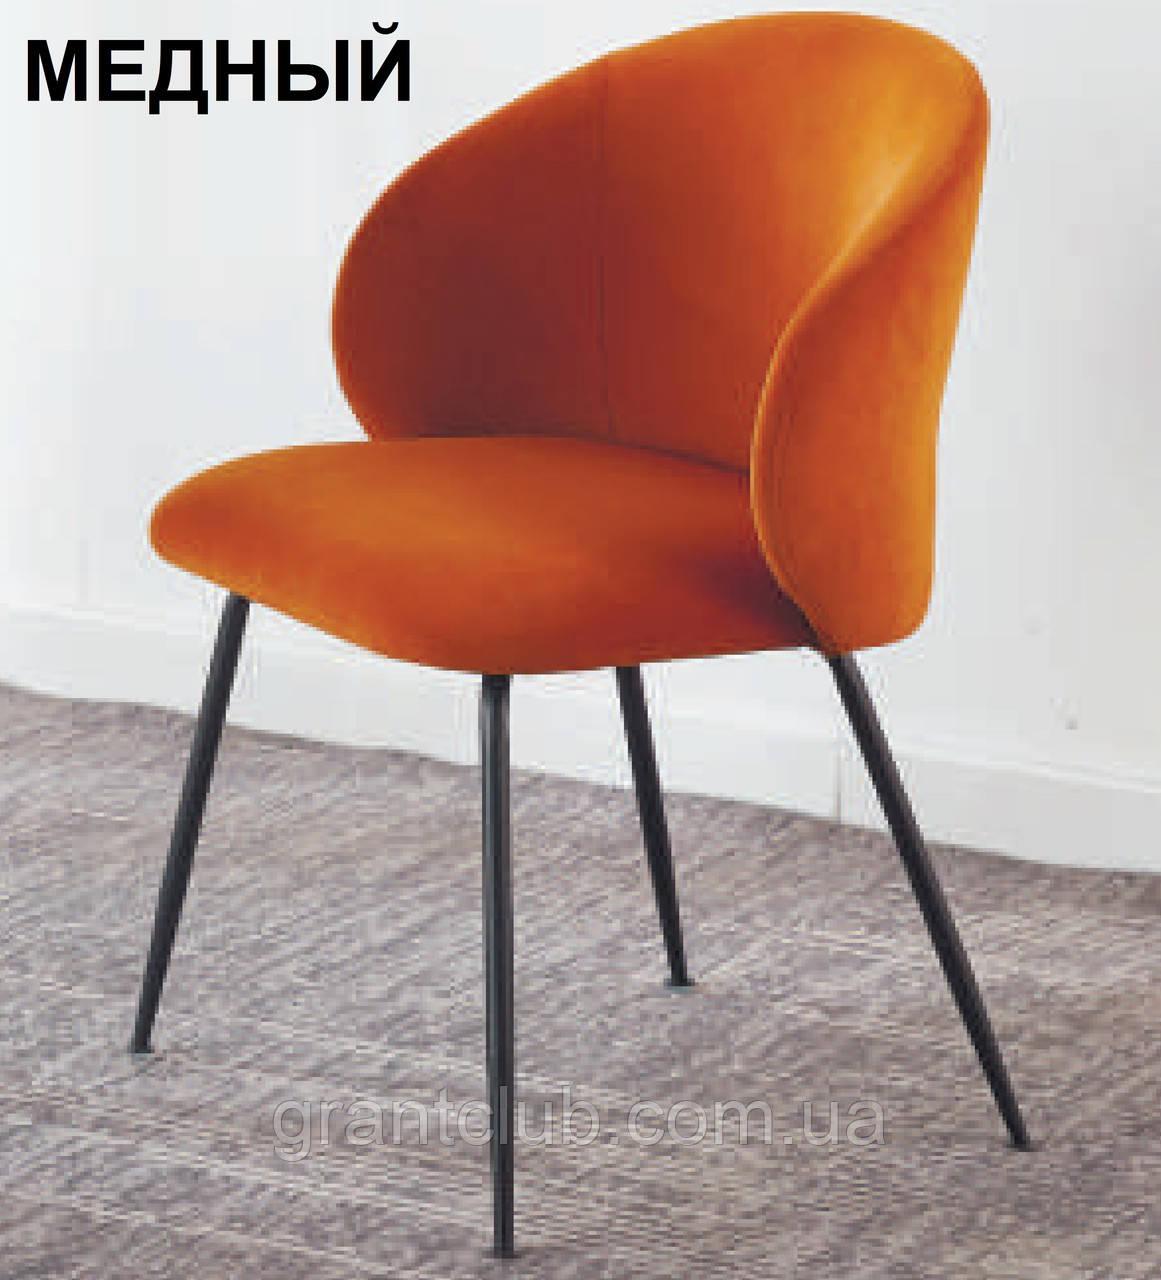 Мягкий стул M-39 медный вельвет Vetro Mebel